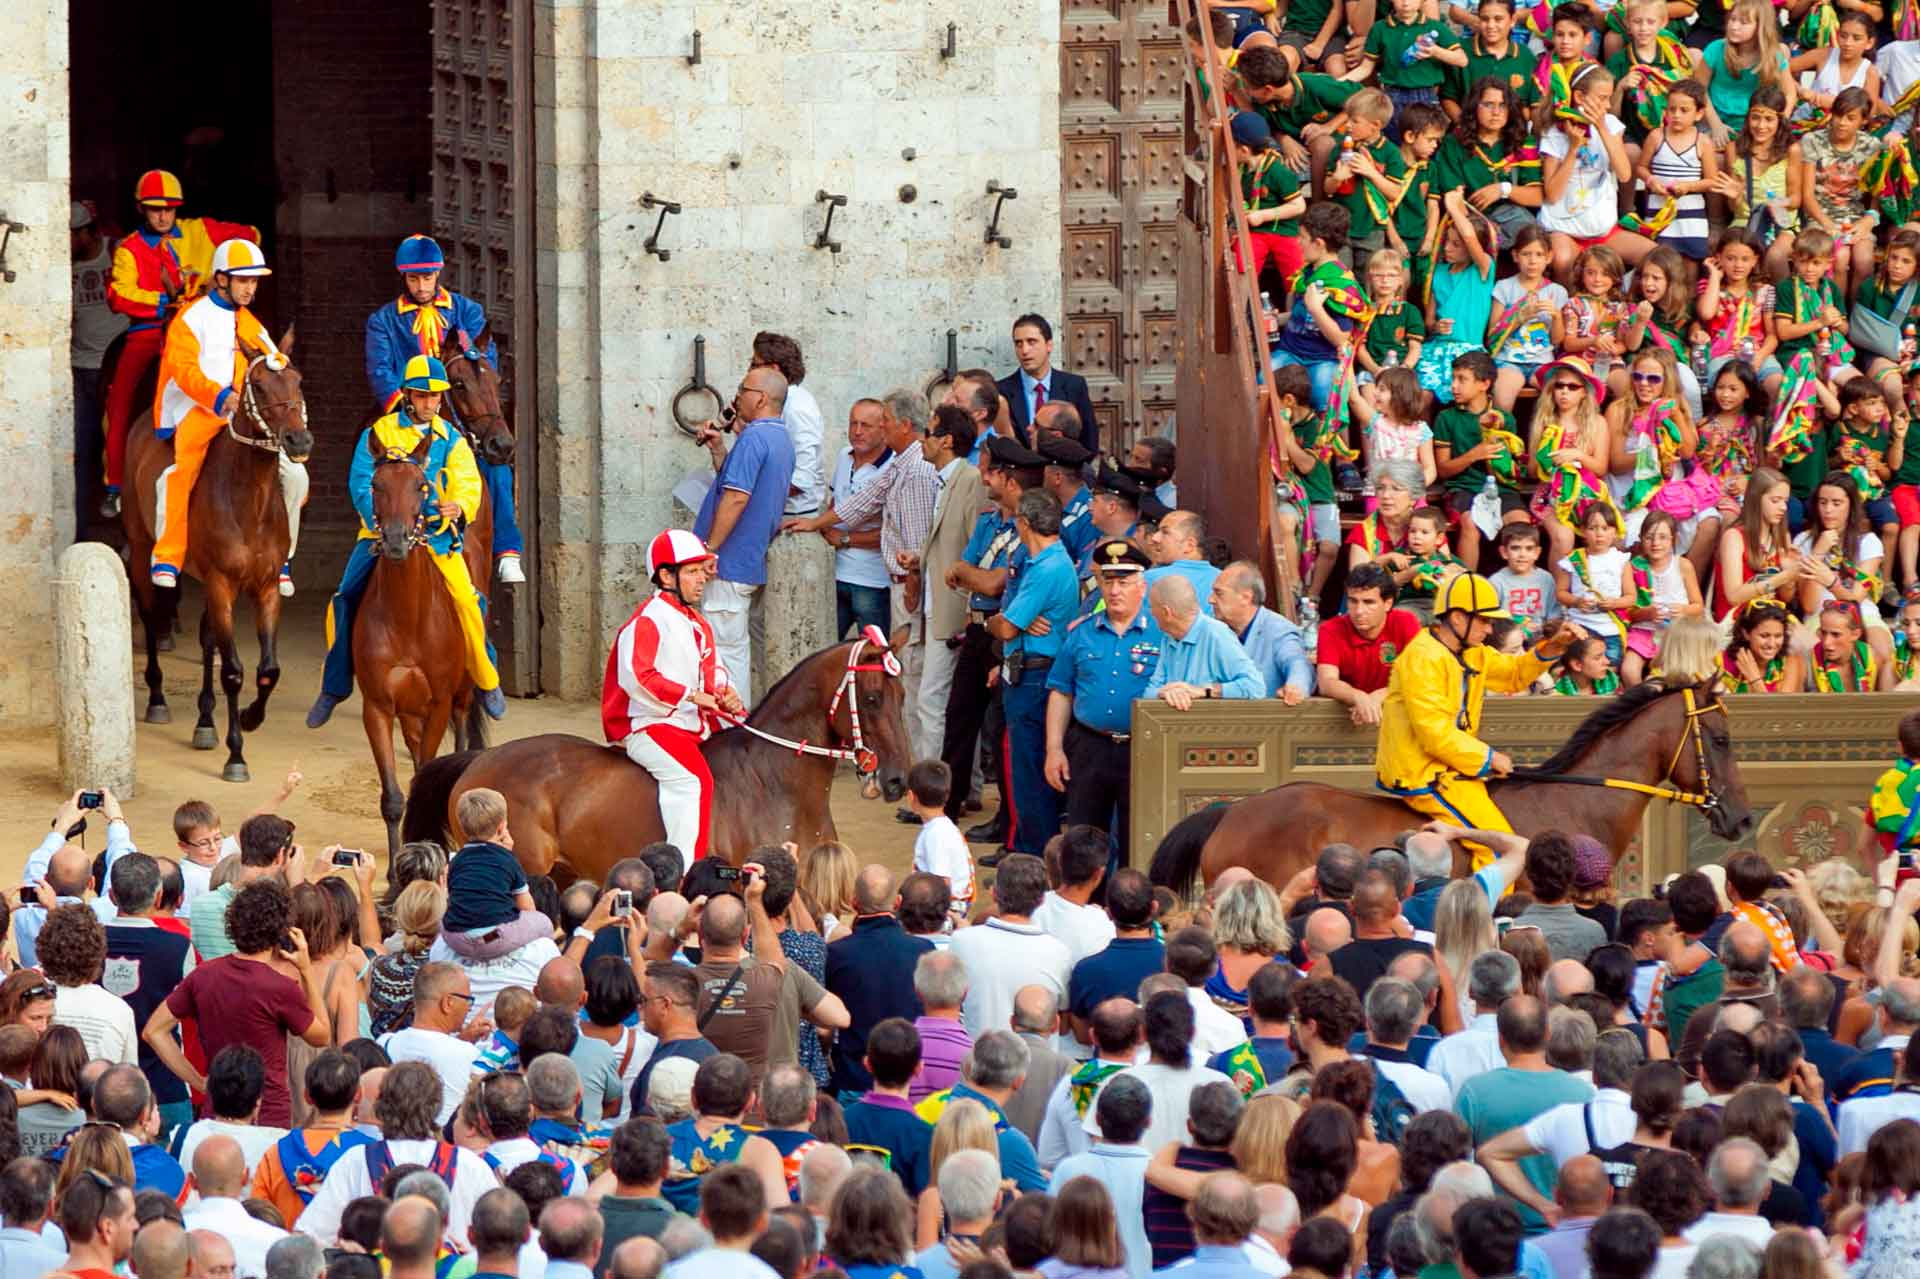 LE PREMIER TEST - La sortie des chevaux, mont?s par les jockeys des dix quartiers, du Cortile del Podest? est annonc?e ? la Piazza, pour chaque ?preuve individuelle, par un roulement de tambour et l'explosion d'un p?tard.